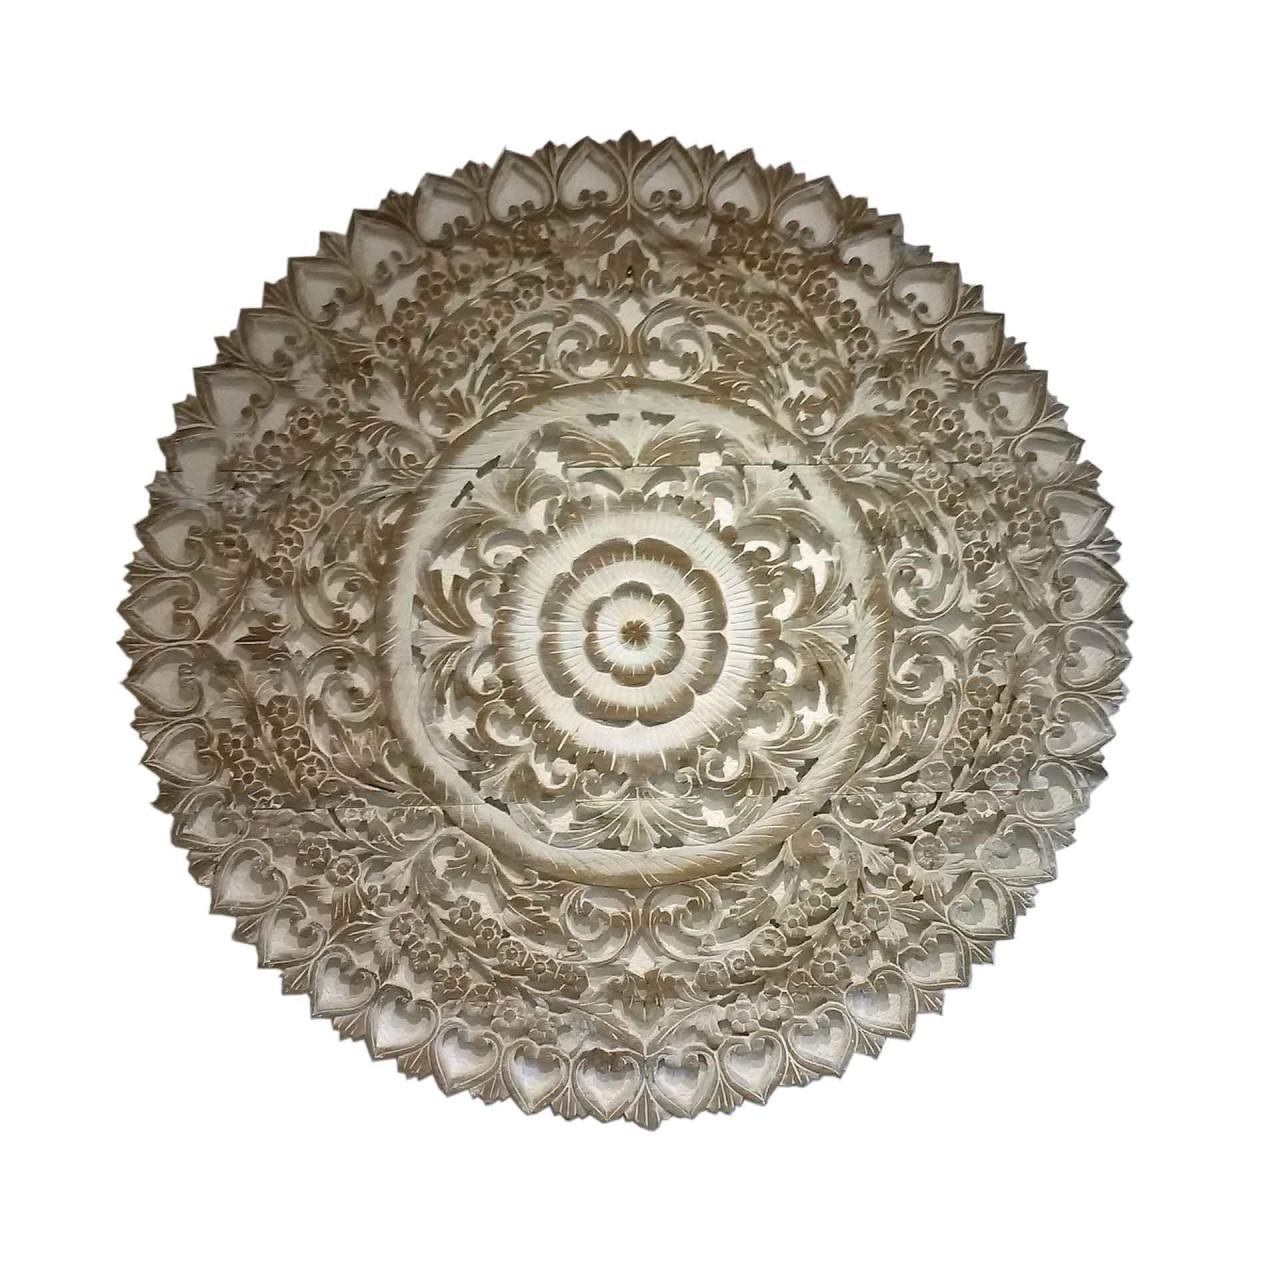 Wandbild - Carving-Schnitzerei - D 90 cm - Teak white wash - Handwerk Thailand